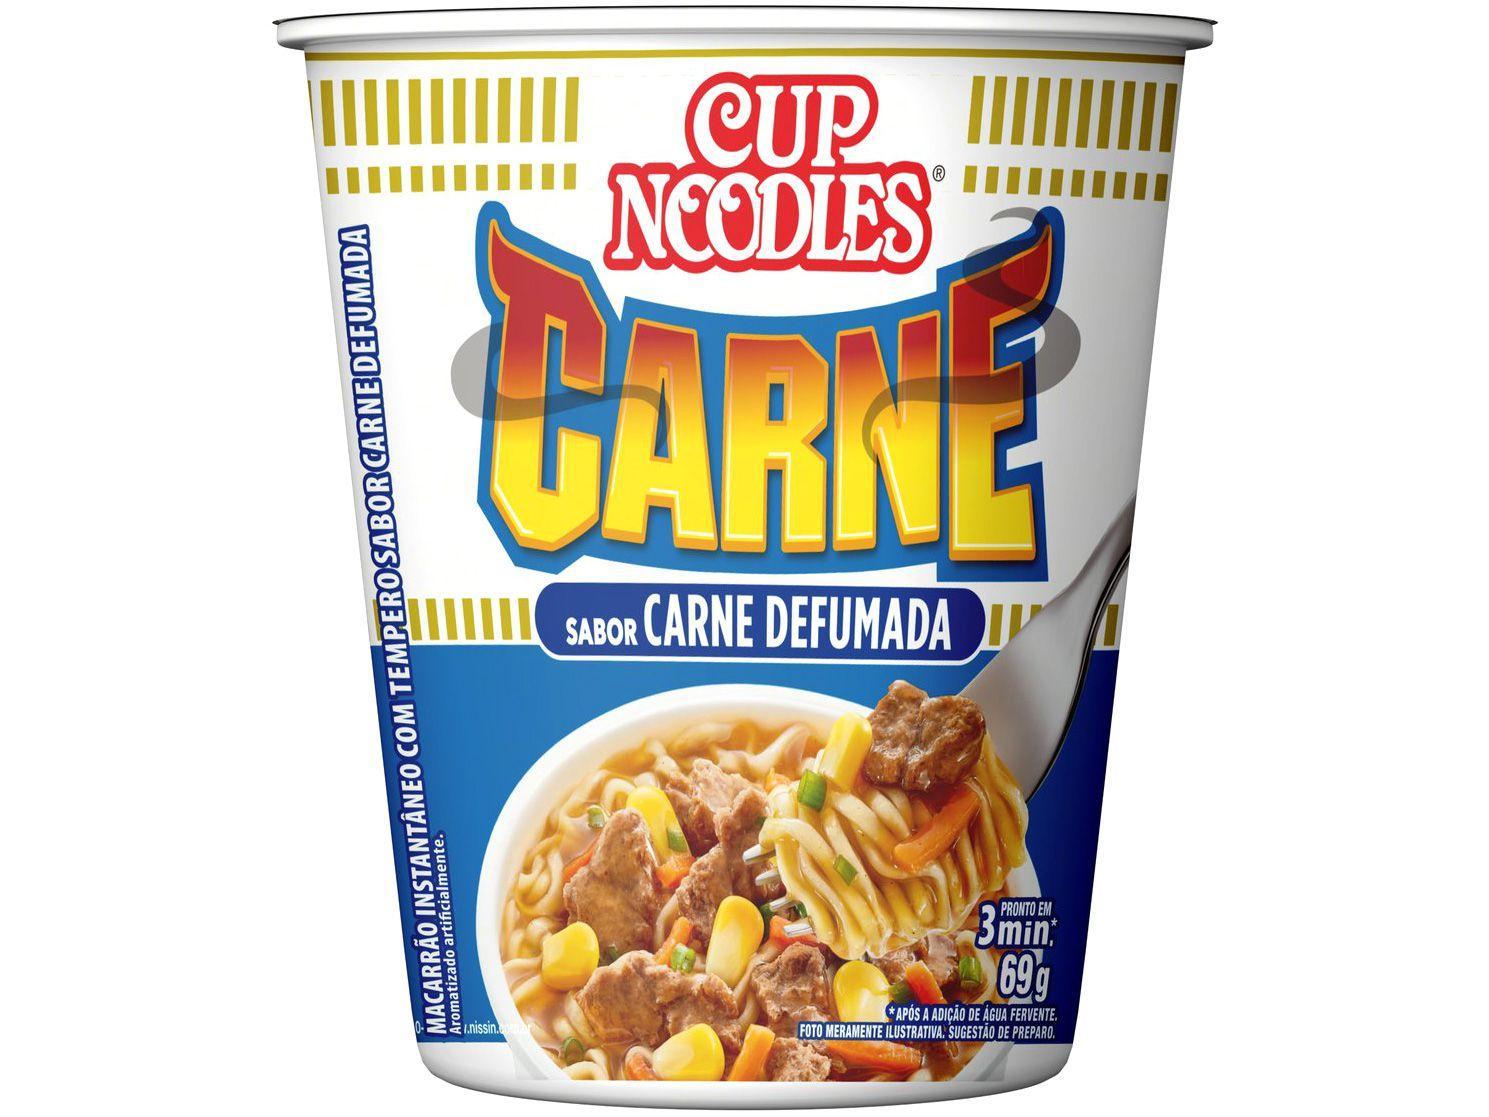 Macarrão Instantâneo Cup Noodles Carne Defumada - 69g